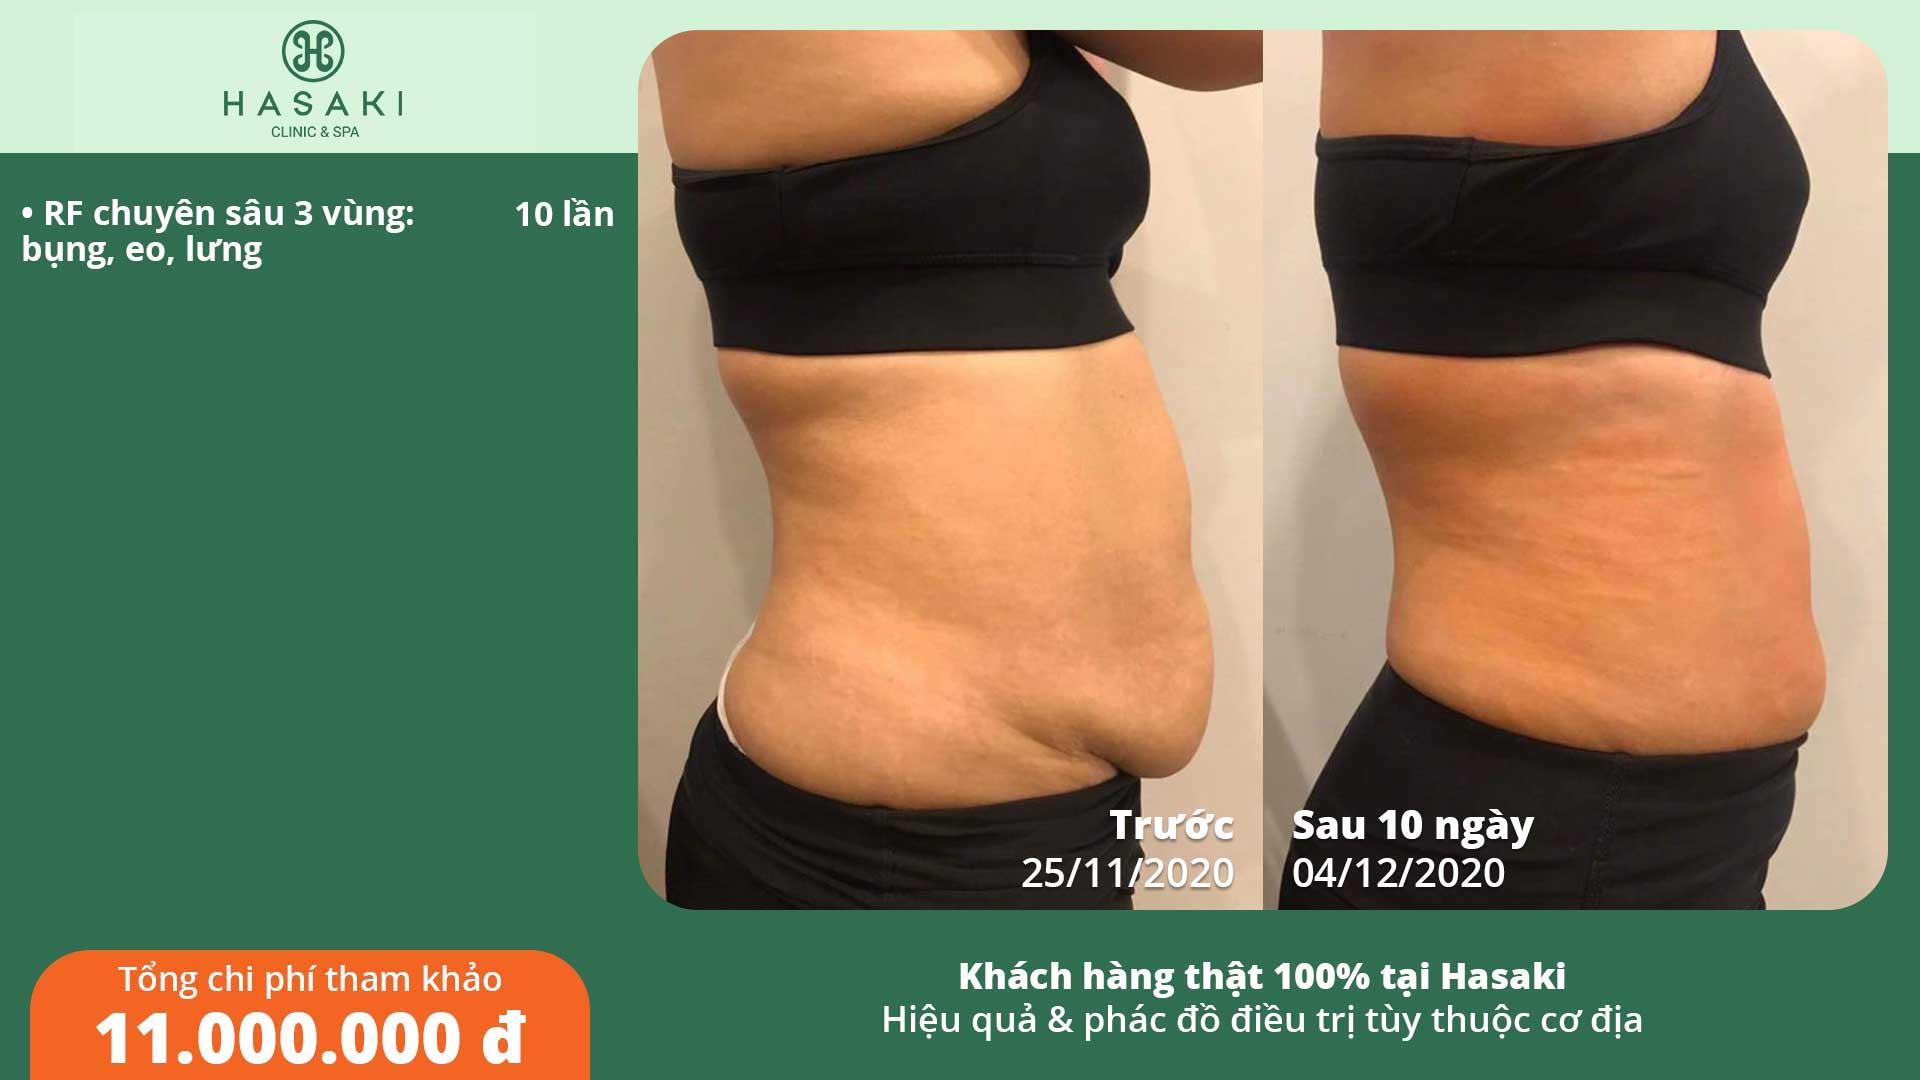 Khách hàng thực tế giảm béo bụng RF